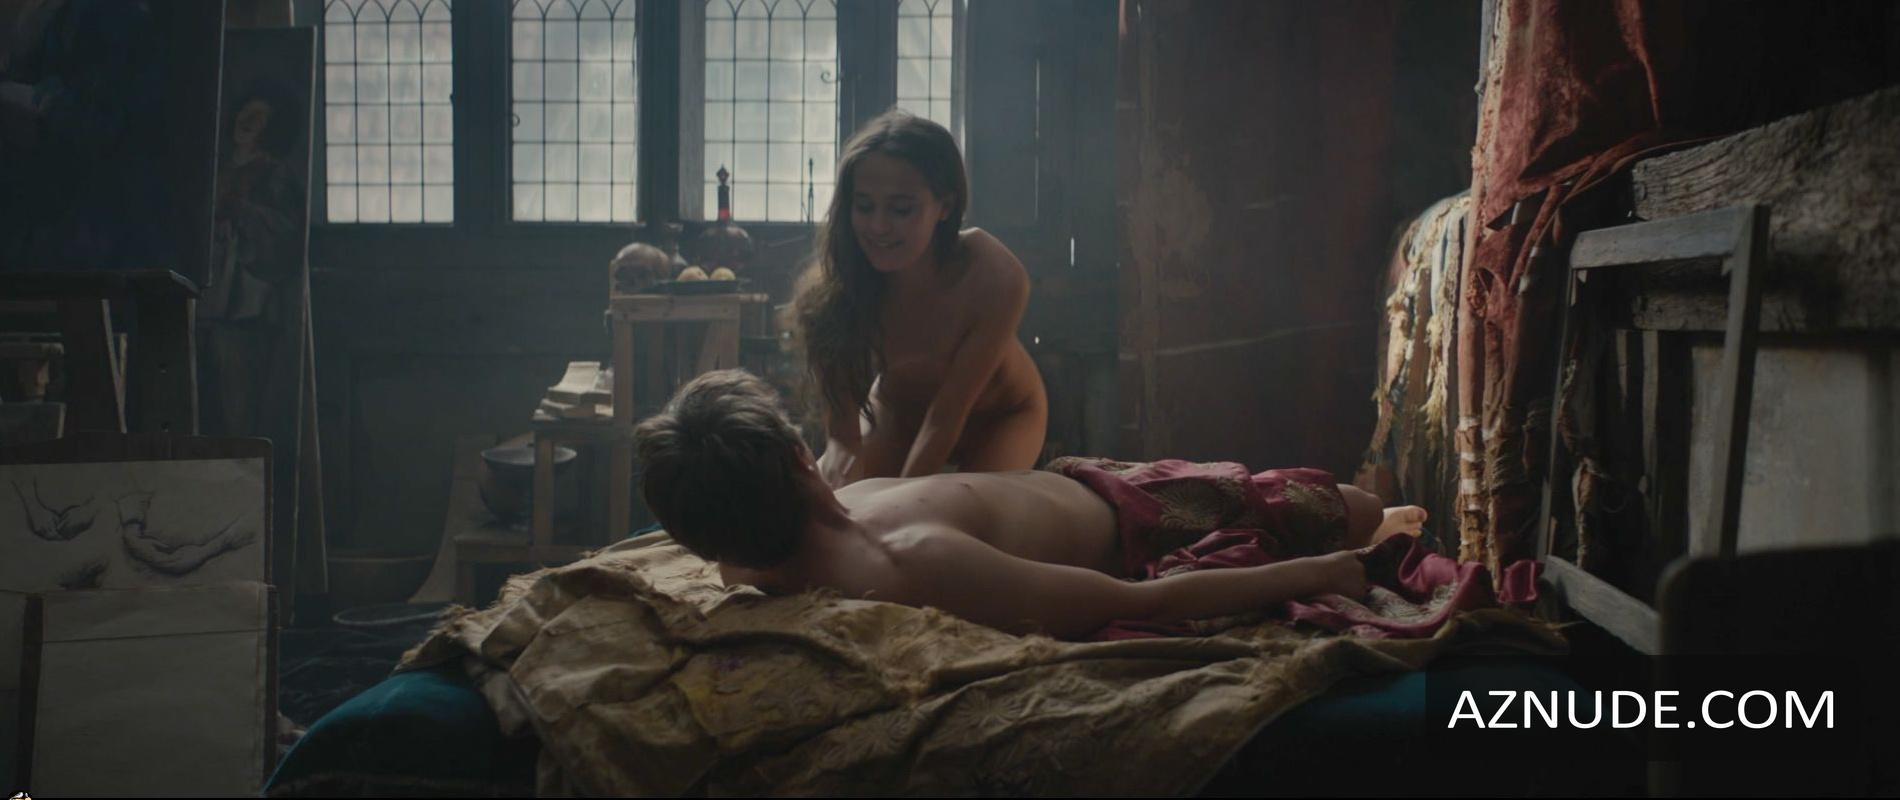 Alicia_Vikander's Porn alicia vikander nude and sexy photo collection - aznude